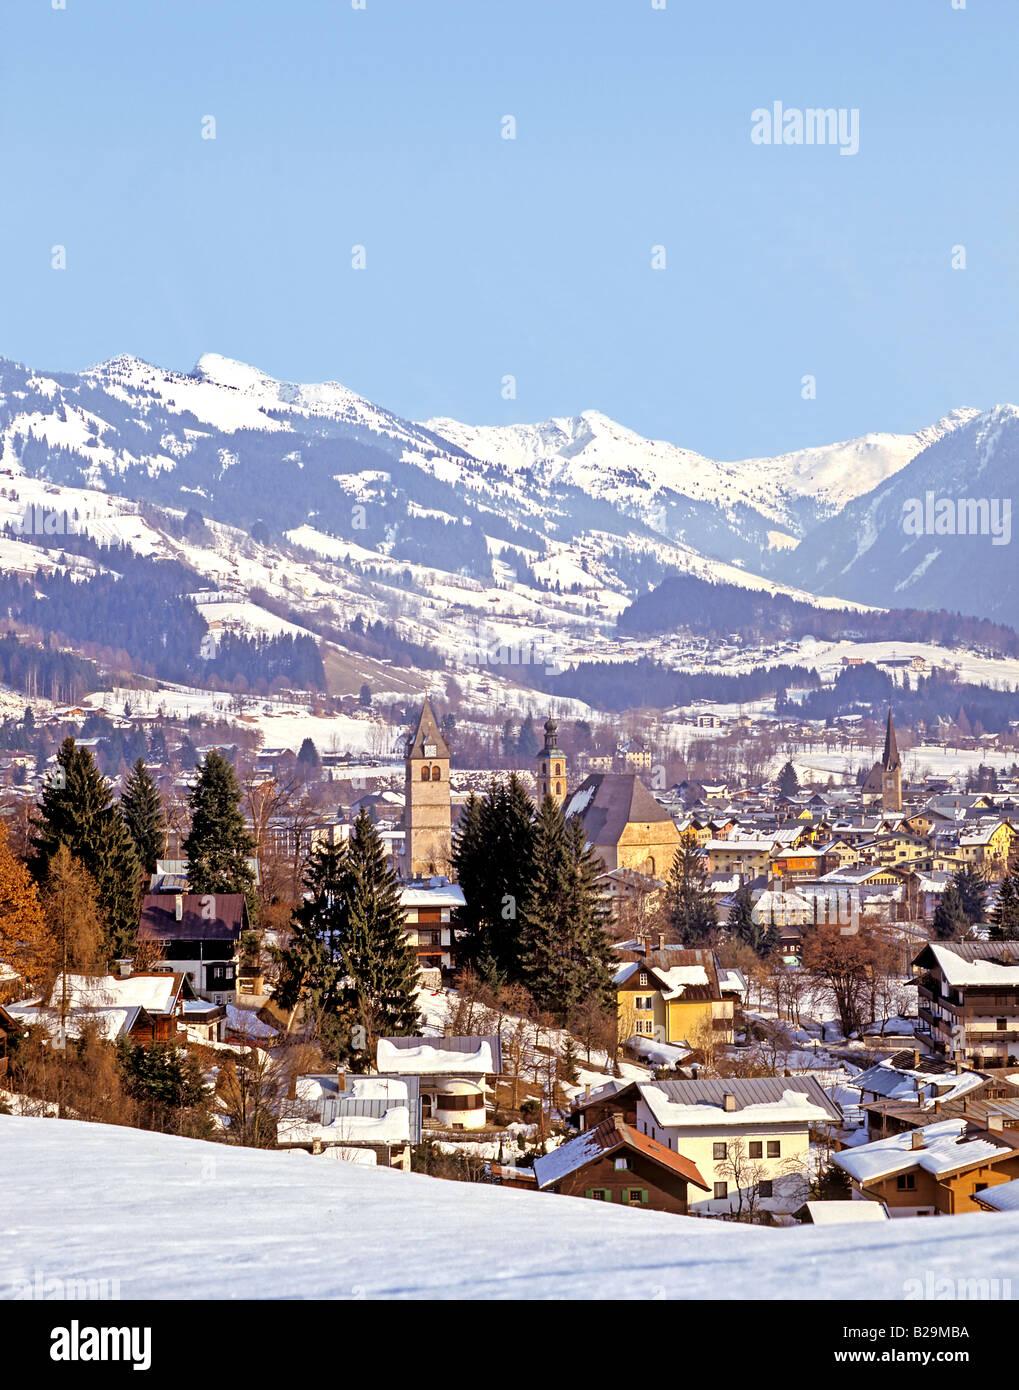 Kitzbuhel Tirol Austria Ref WP STRANGE 3624 COMPULSORY CREDIT World Pictures Photoshot - Stock Image